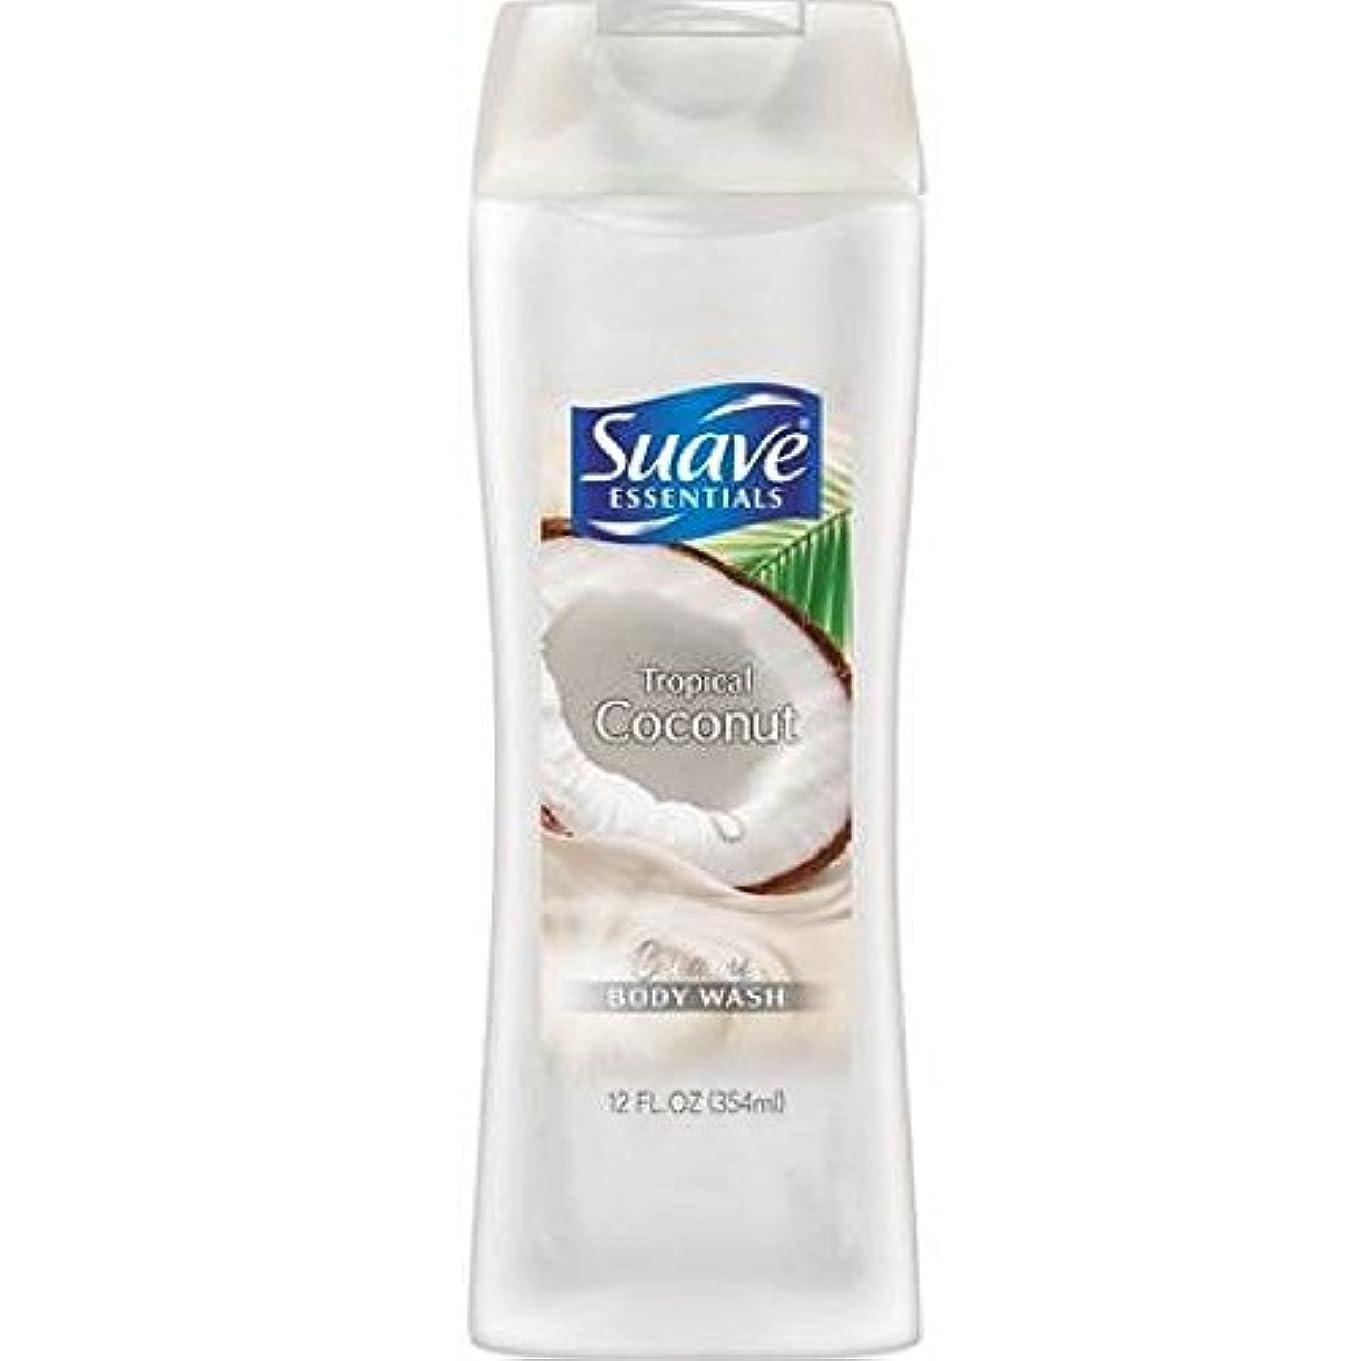 リンス用心深い生命体Suave Naturals Body Wash - Tropical Coconut - 12 oz - 2 pk by Suave [並行輸入品]